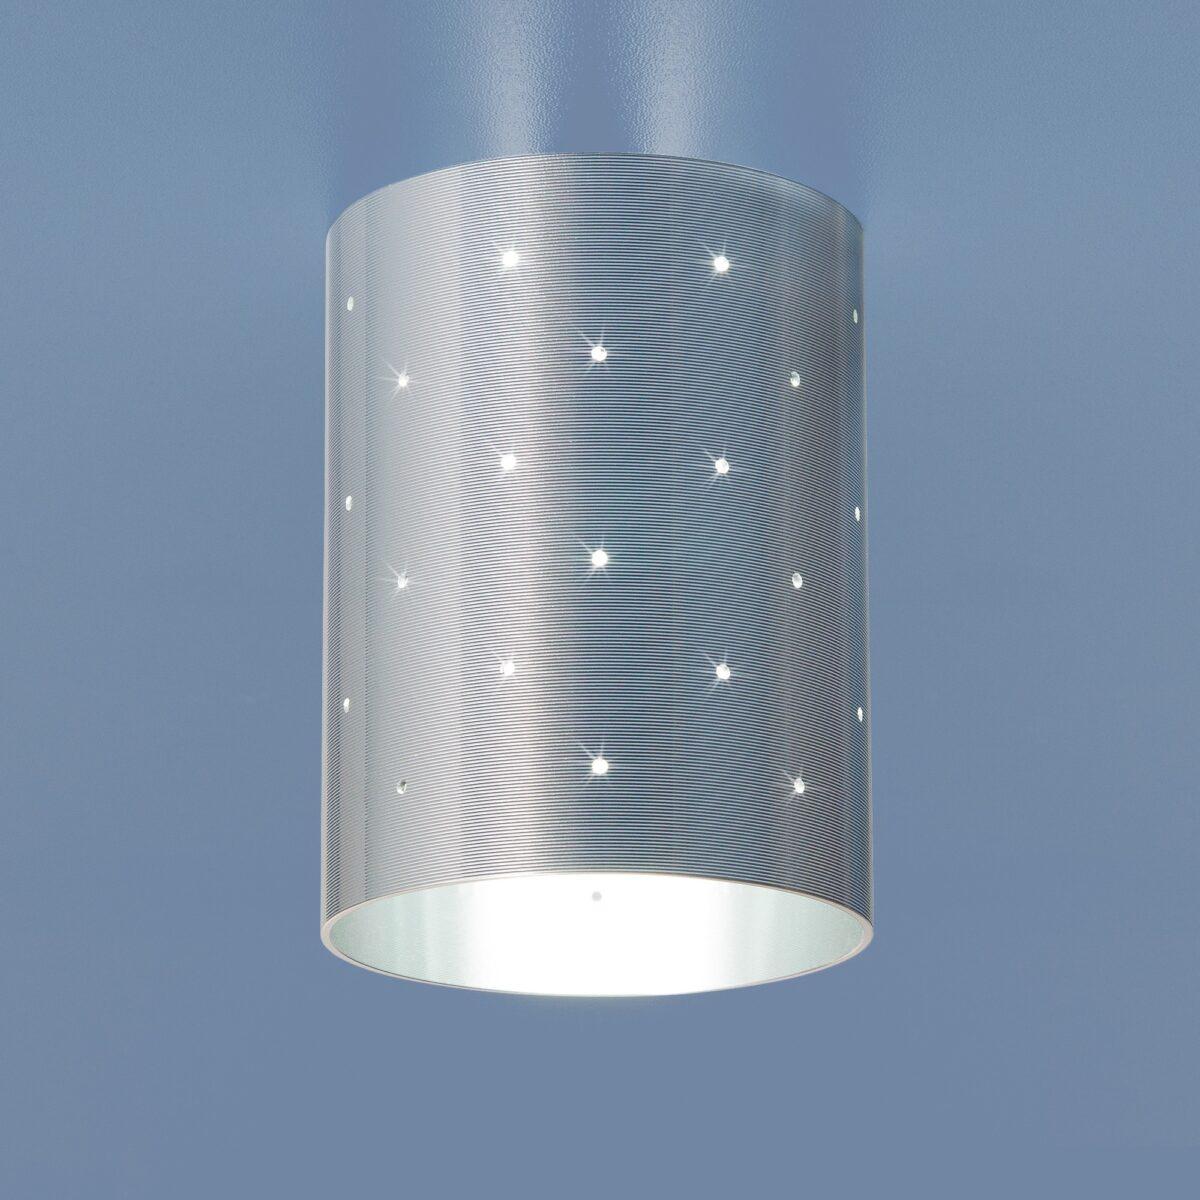 6072 MR16 / Светильник встраиваемый CH хром